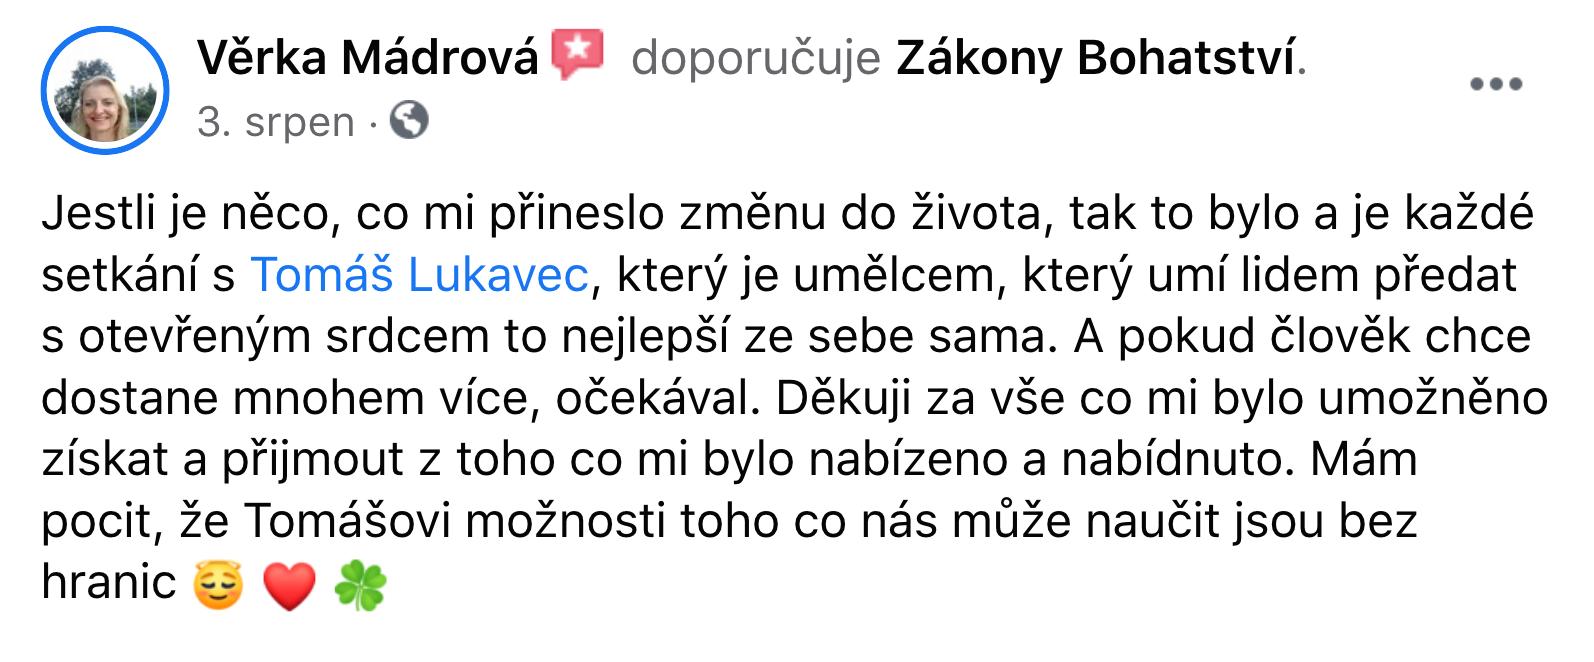 Reference - Věrka Mádrová